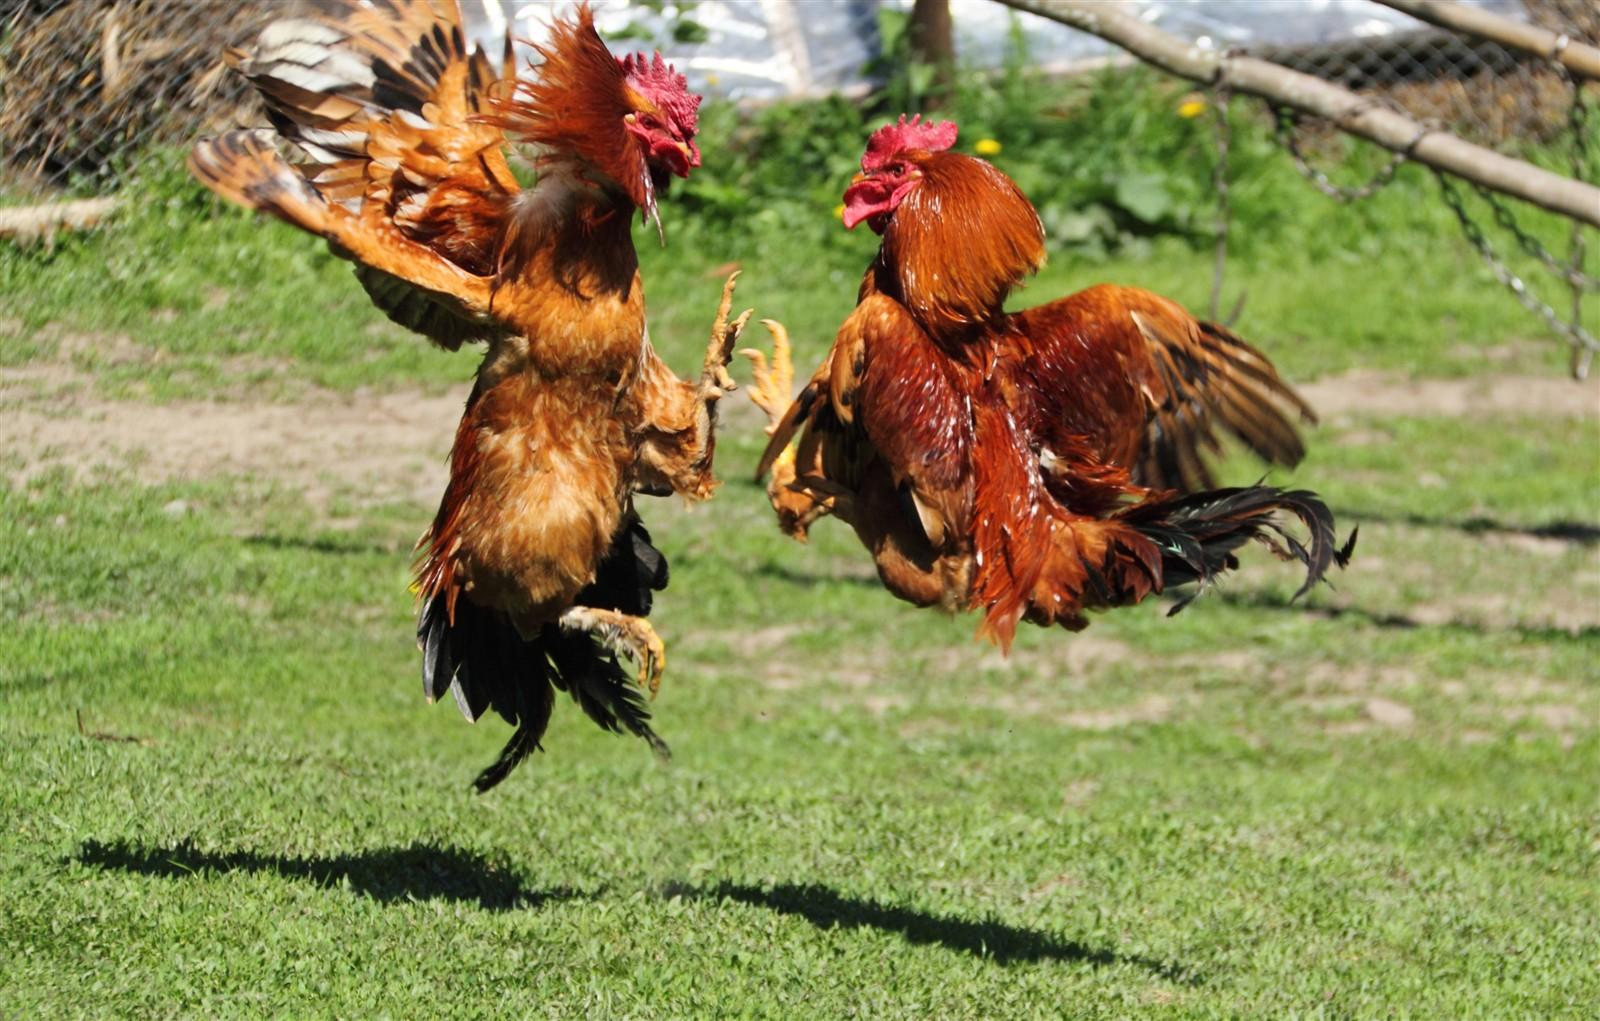 От проблемной птицы пора избавиться